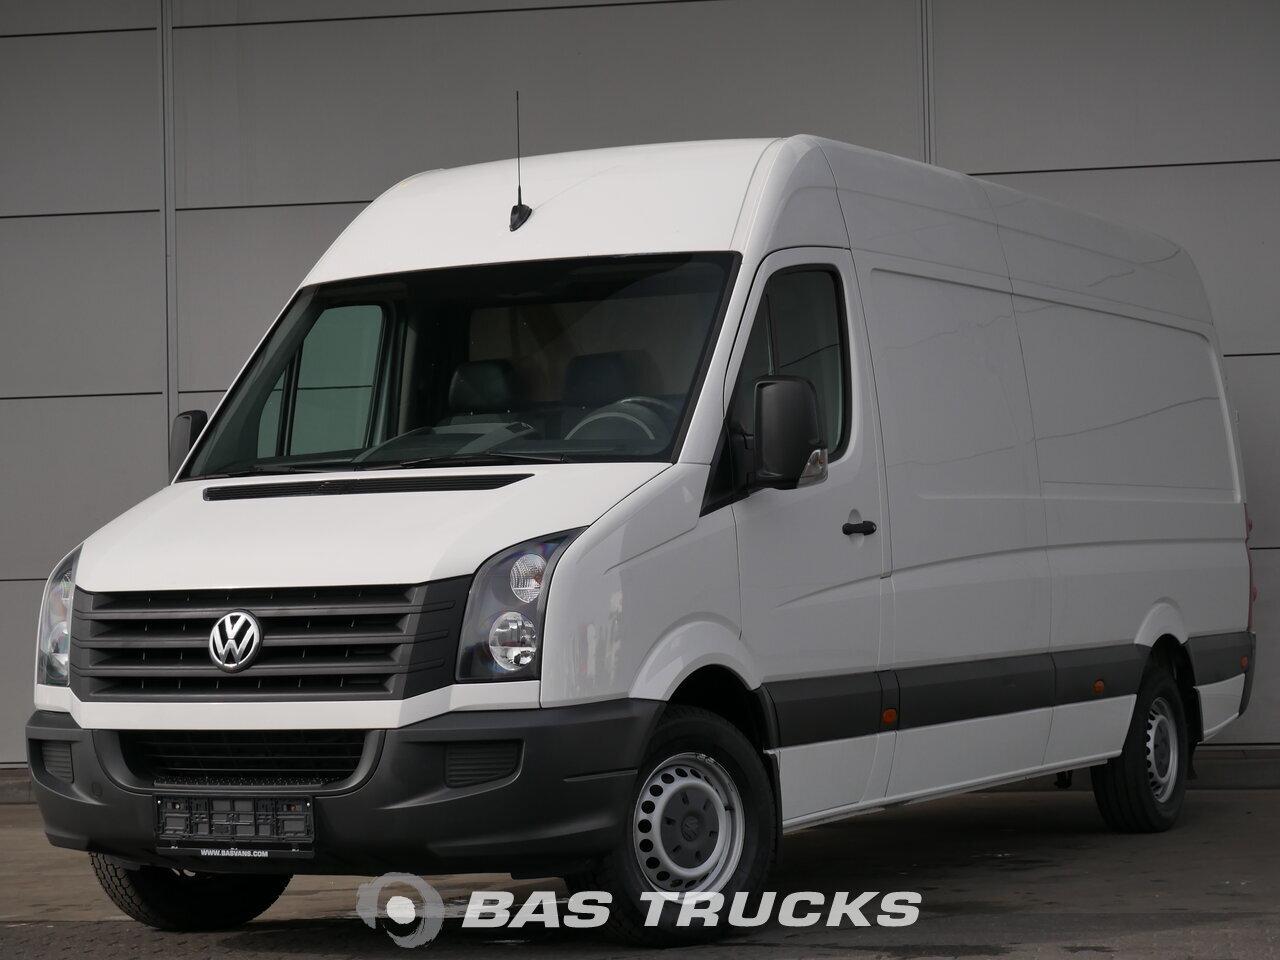 volkswagen crafter lcv 11900 bas trucks. Black Bedroom Furniture Sets. Home Design Ideas